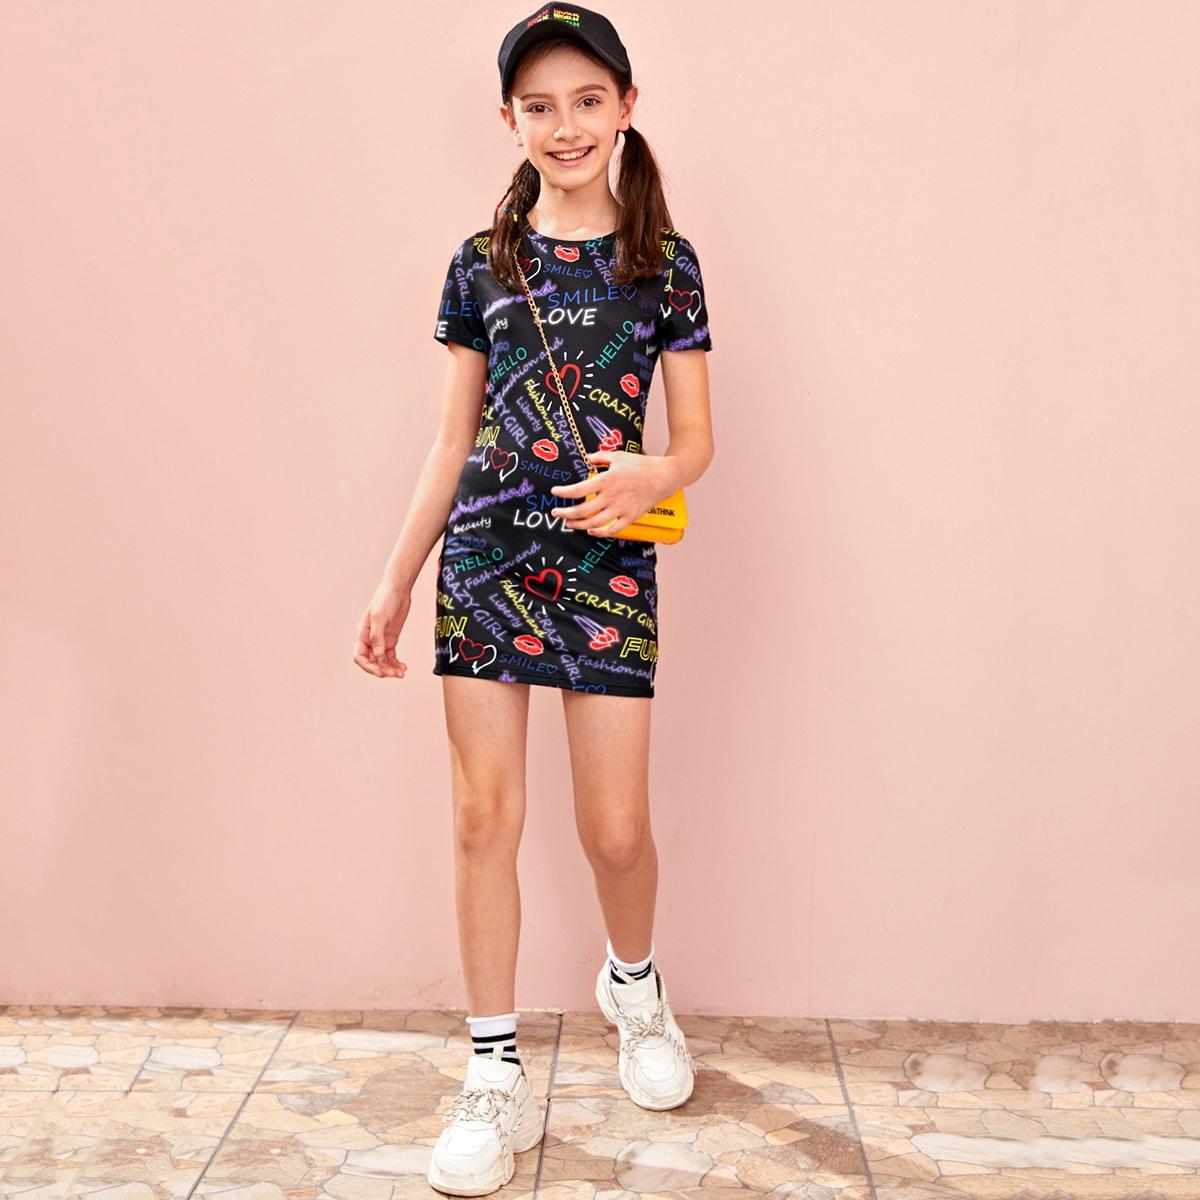 Облегающее платье с текстовым принтом для девочек от SHEIN